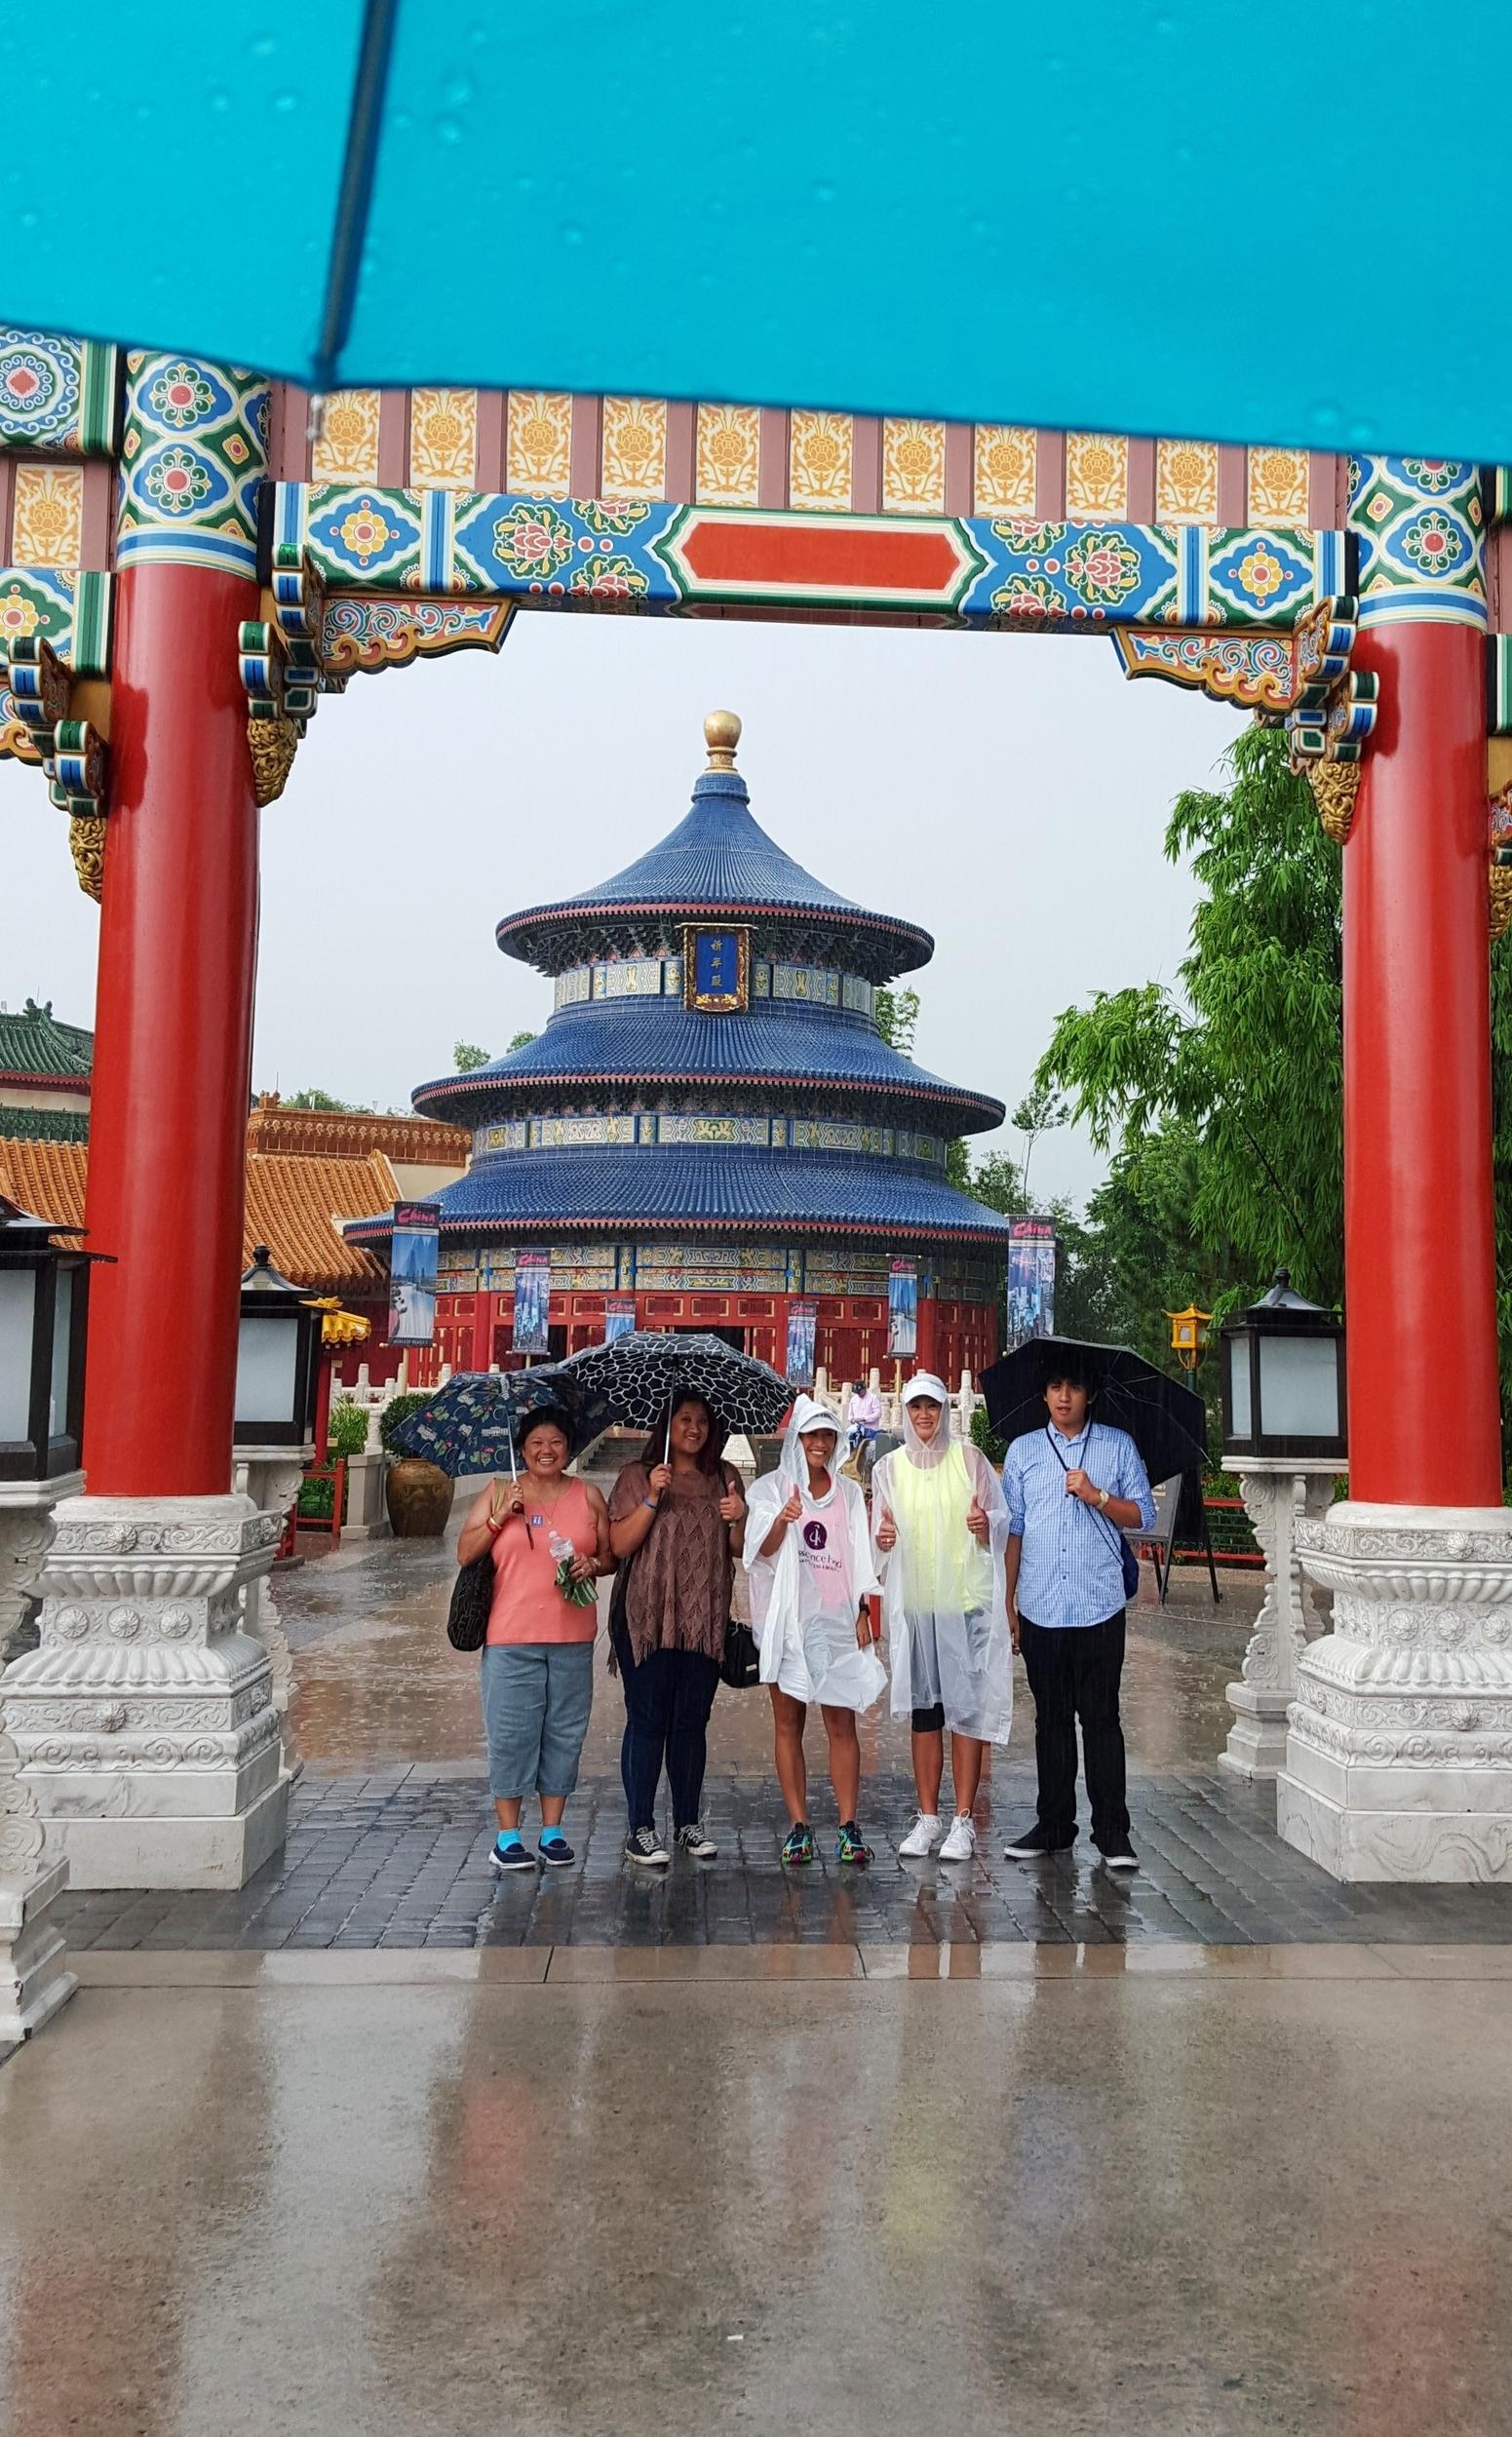 China at EPCOT.